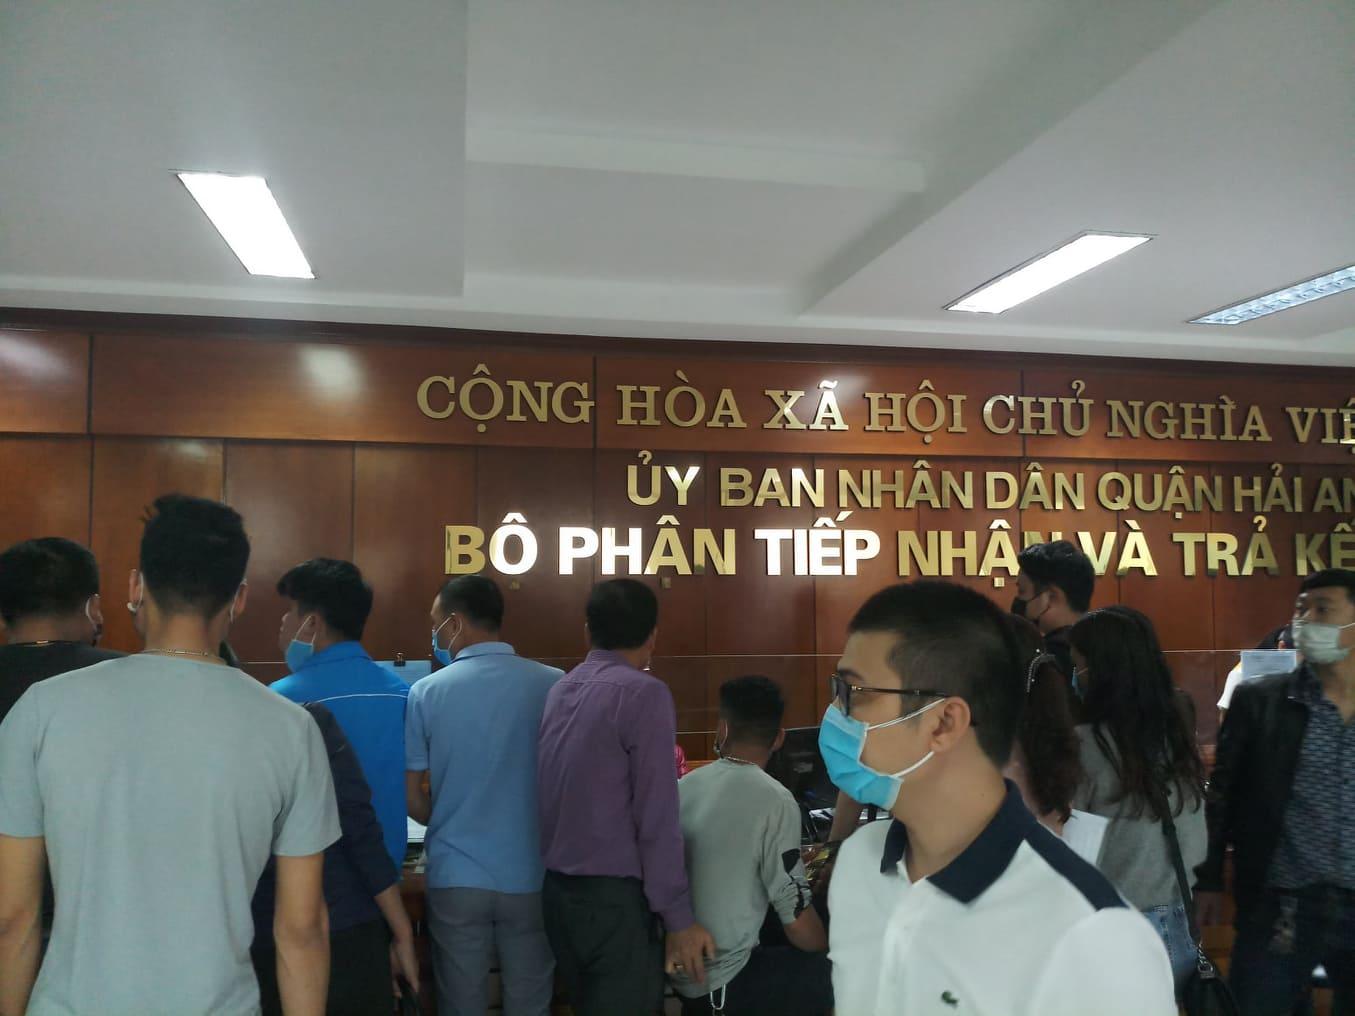 Sau cảnh chen lấn, Hải Phòng tạm dừng cấp giấy xác nhận cho xe chở hàng hóa ra vào thành phố - Ảnh 3